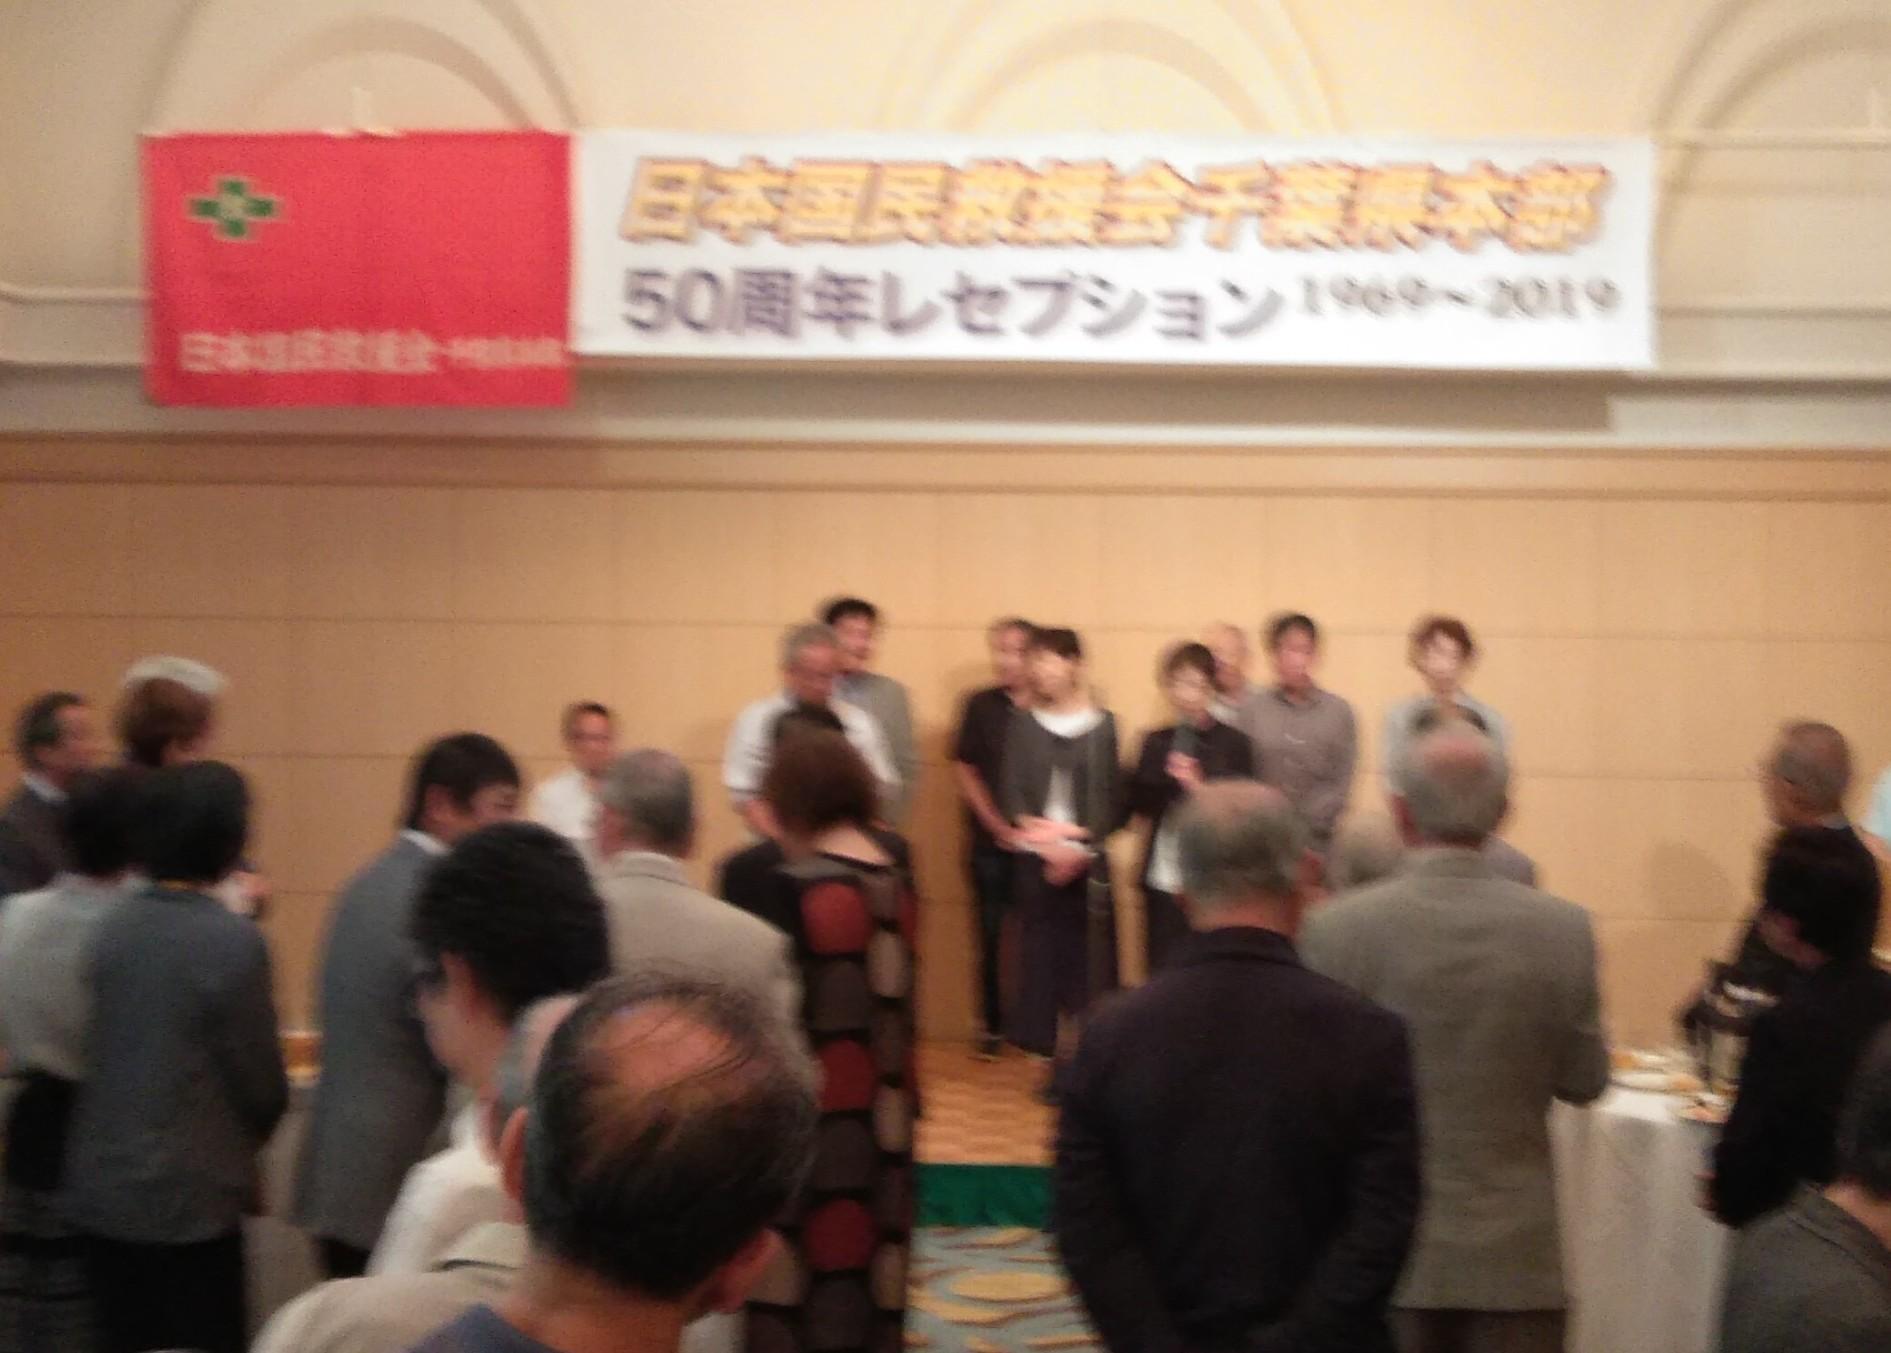 国民救援会千葉県本部の50周年のレセプションが千葉で_a0177819_06480256.jpg